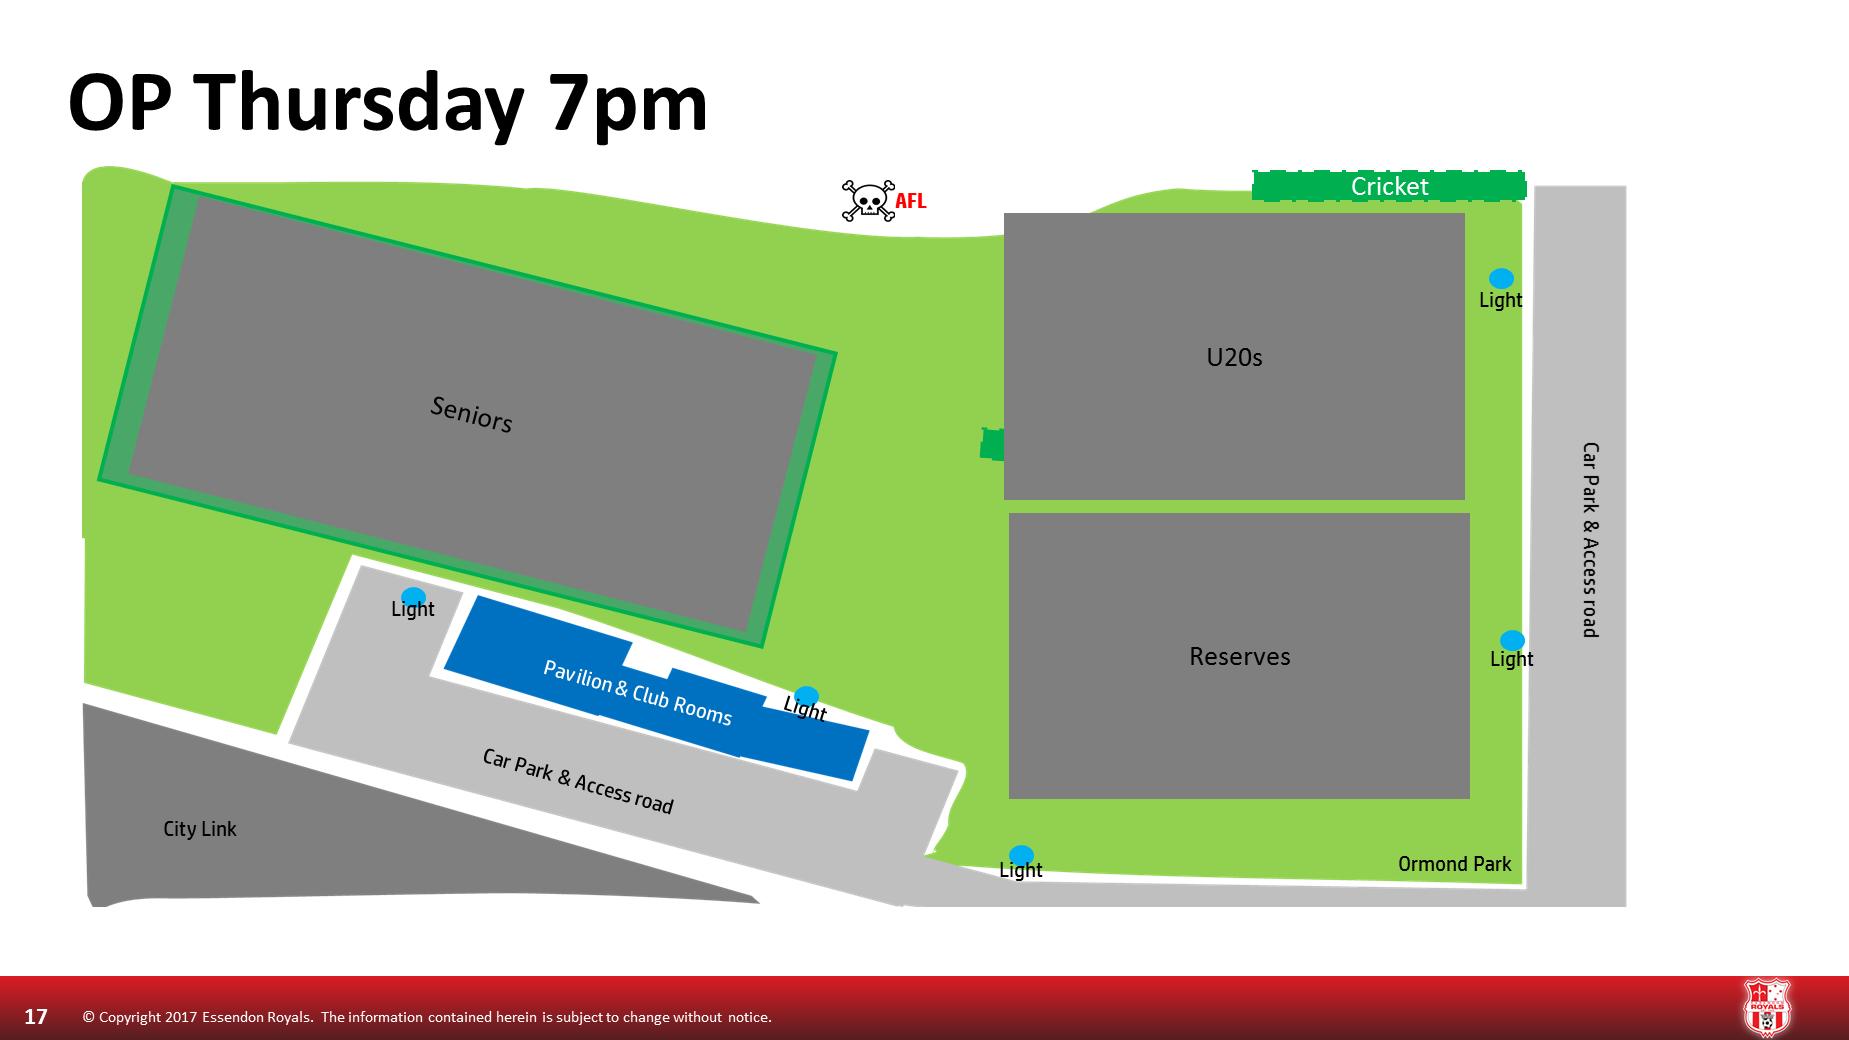 Thursday 7pm Ormond Park